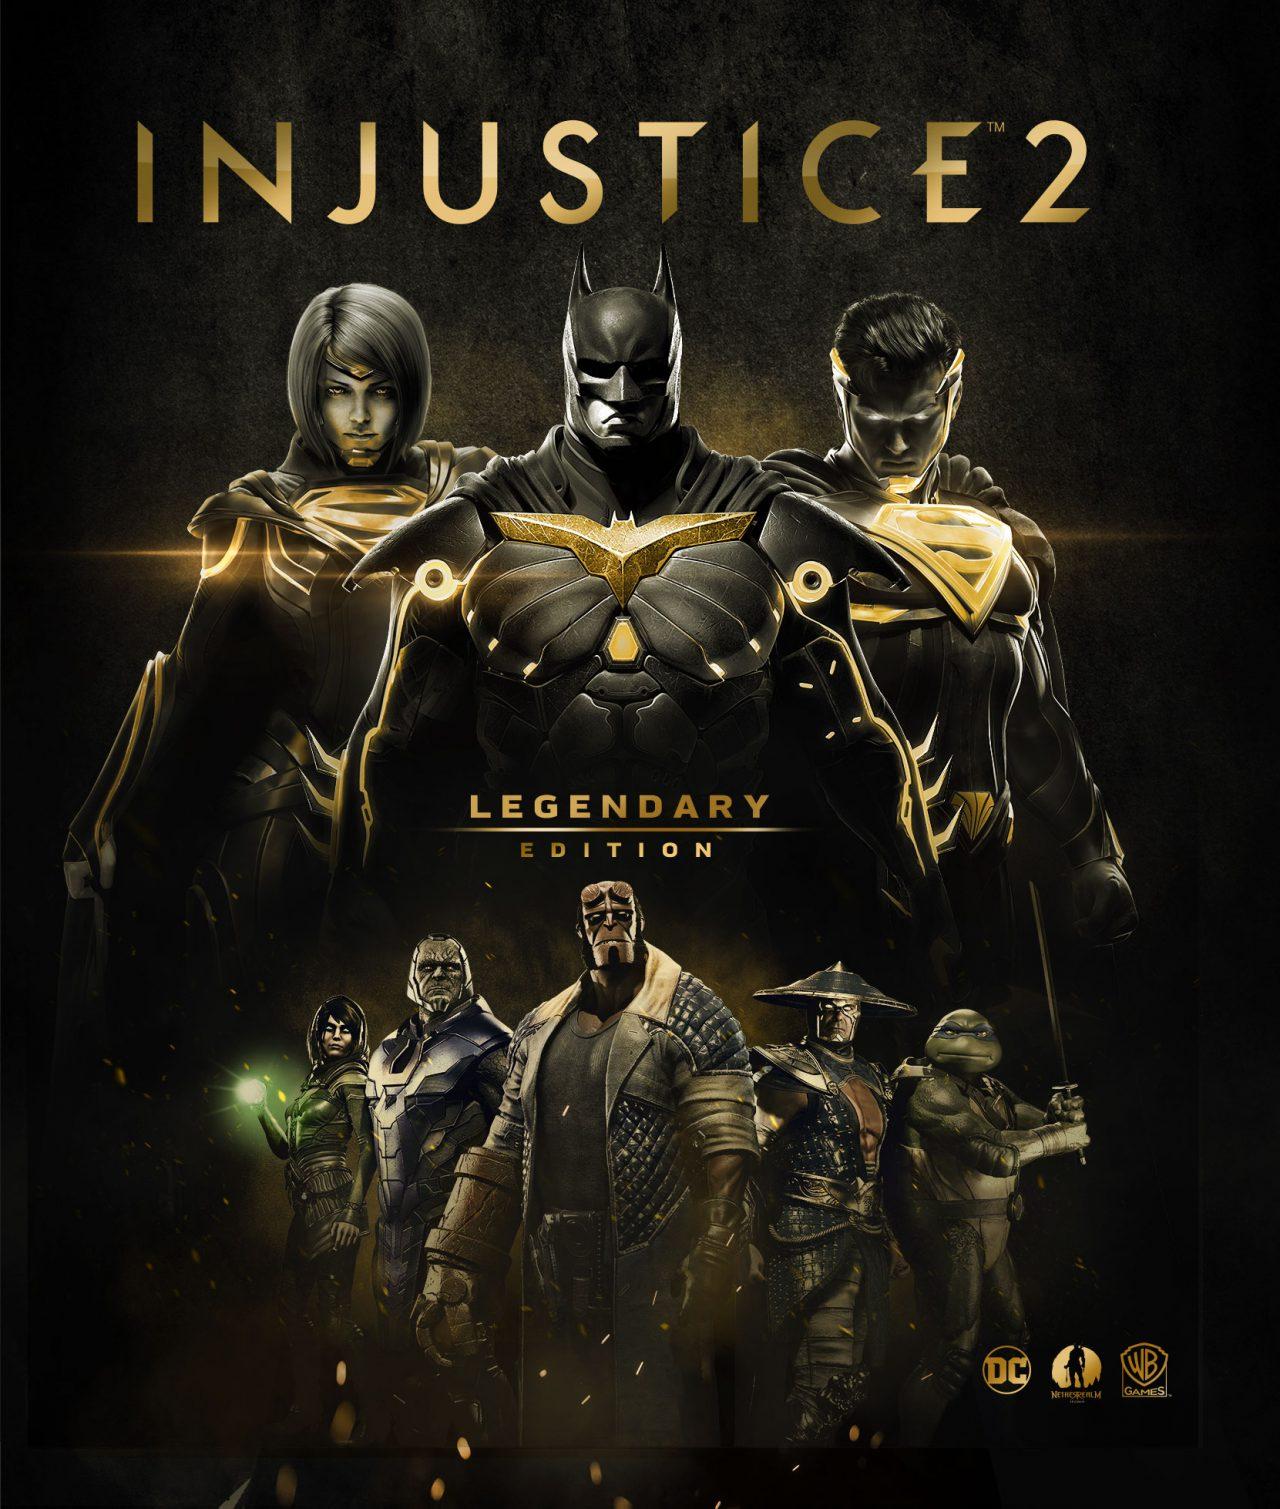 Injustice 2 - Legendary Edition disponibile dal 27 marzo per PS4, Xbox One e PC (video)